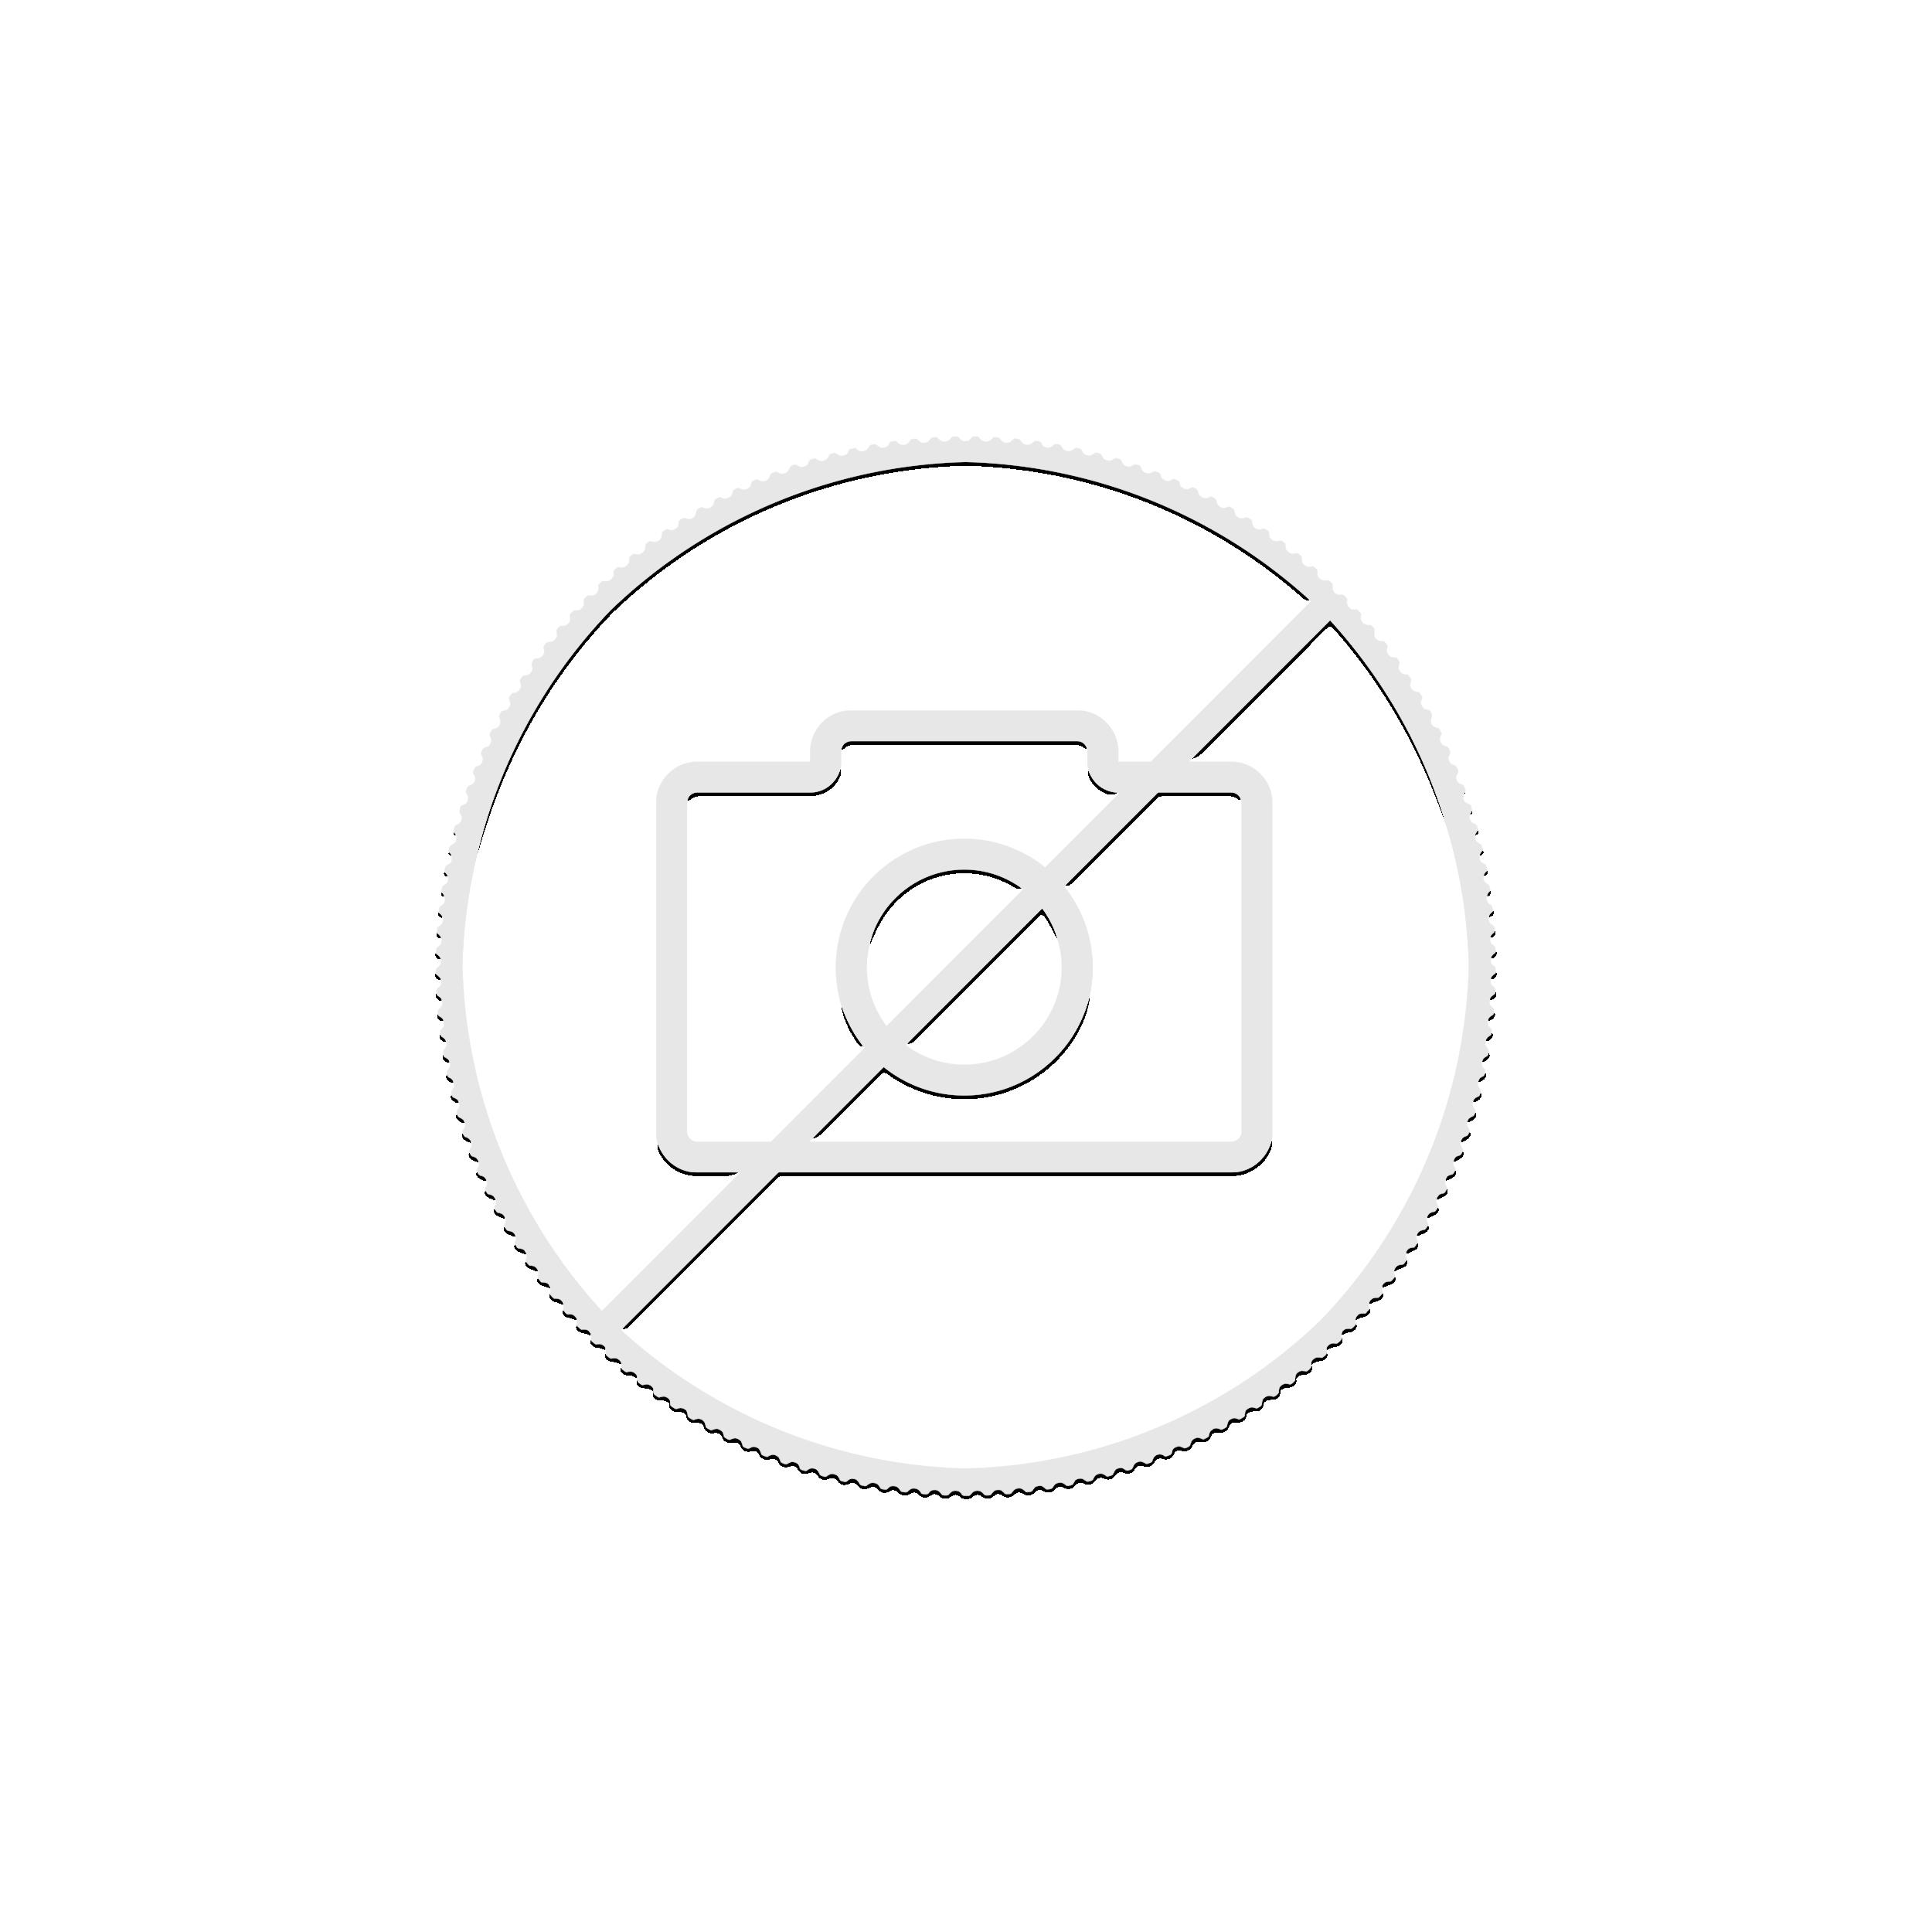 1 Troy ounce zilveren munt Kookaburra 2010